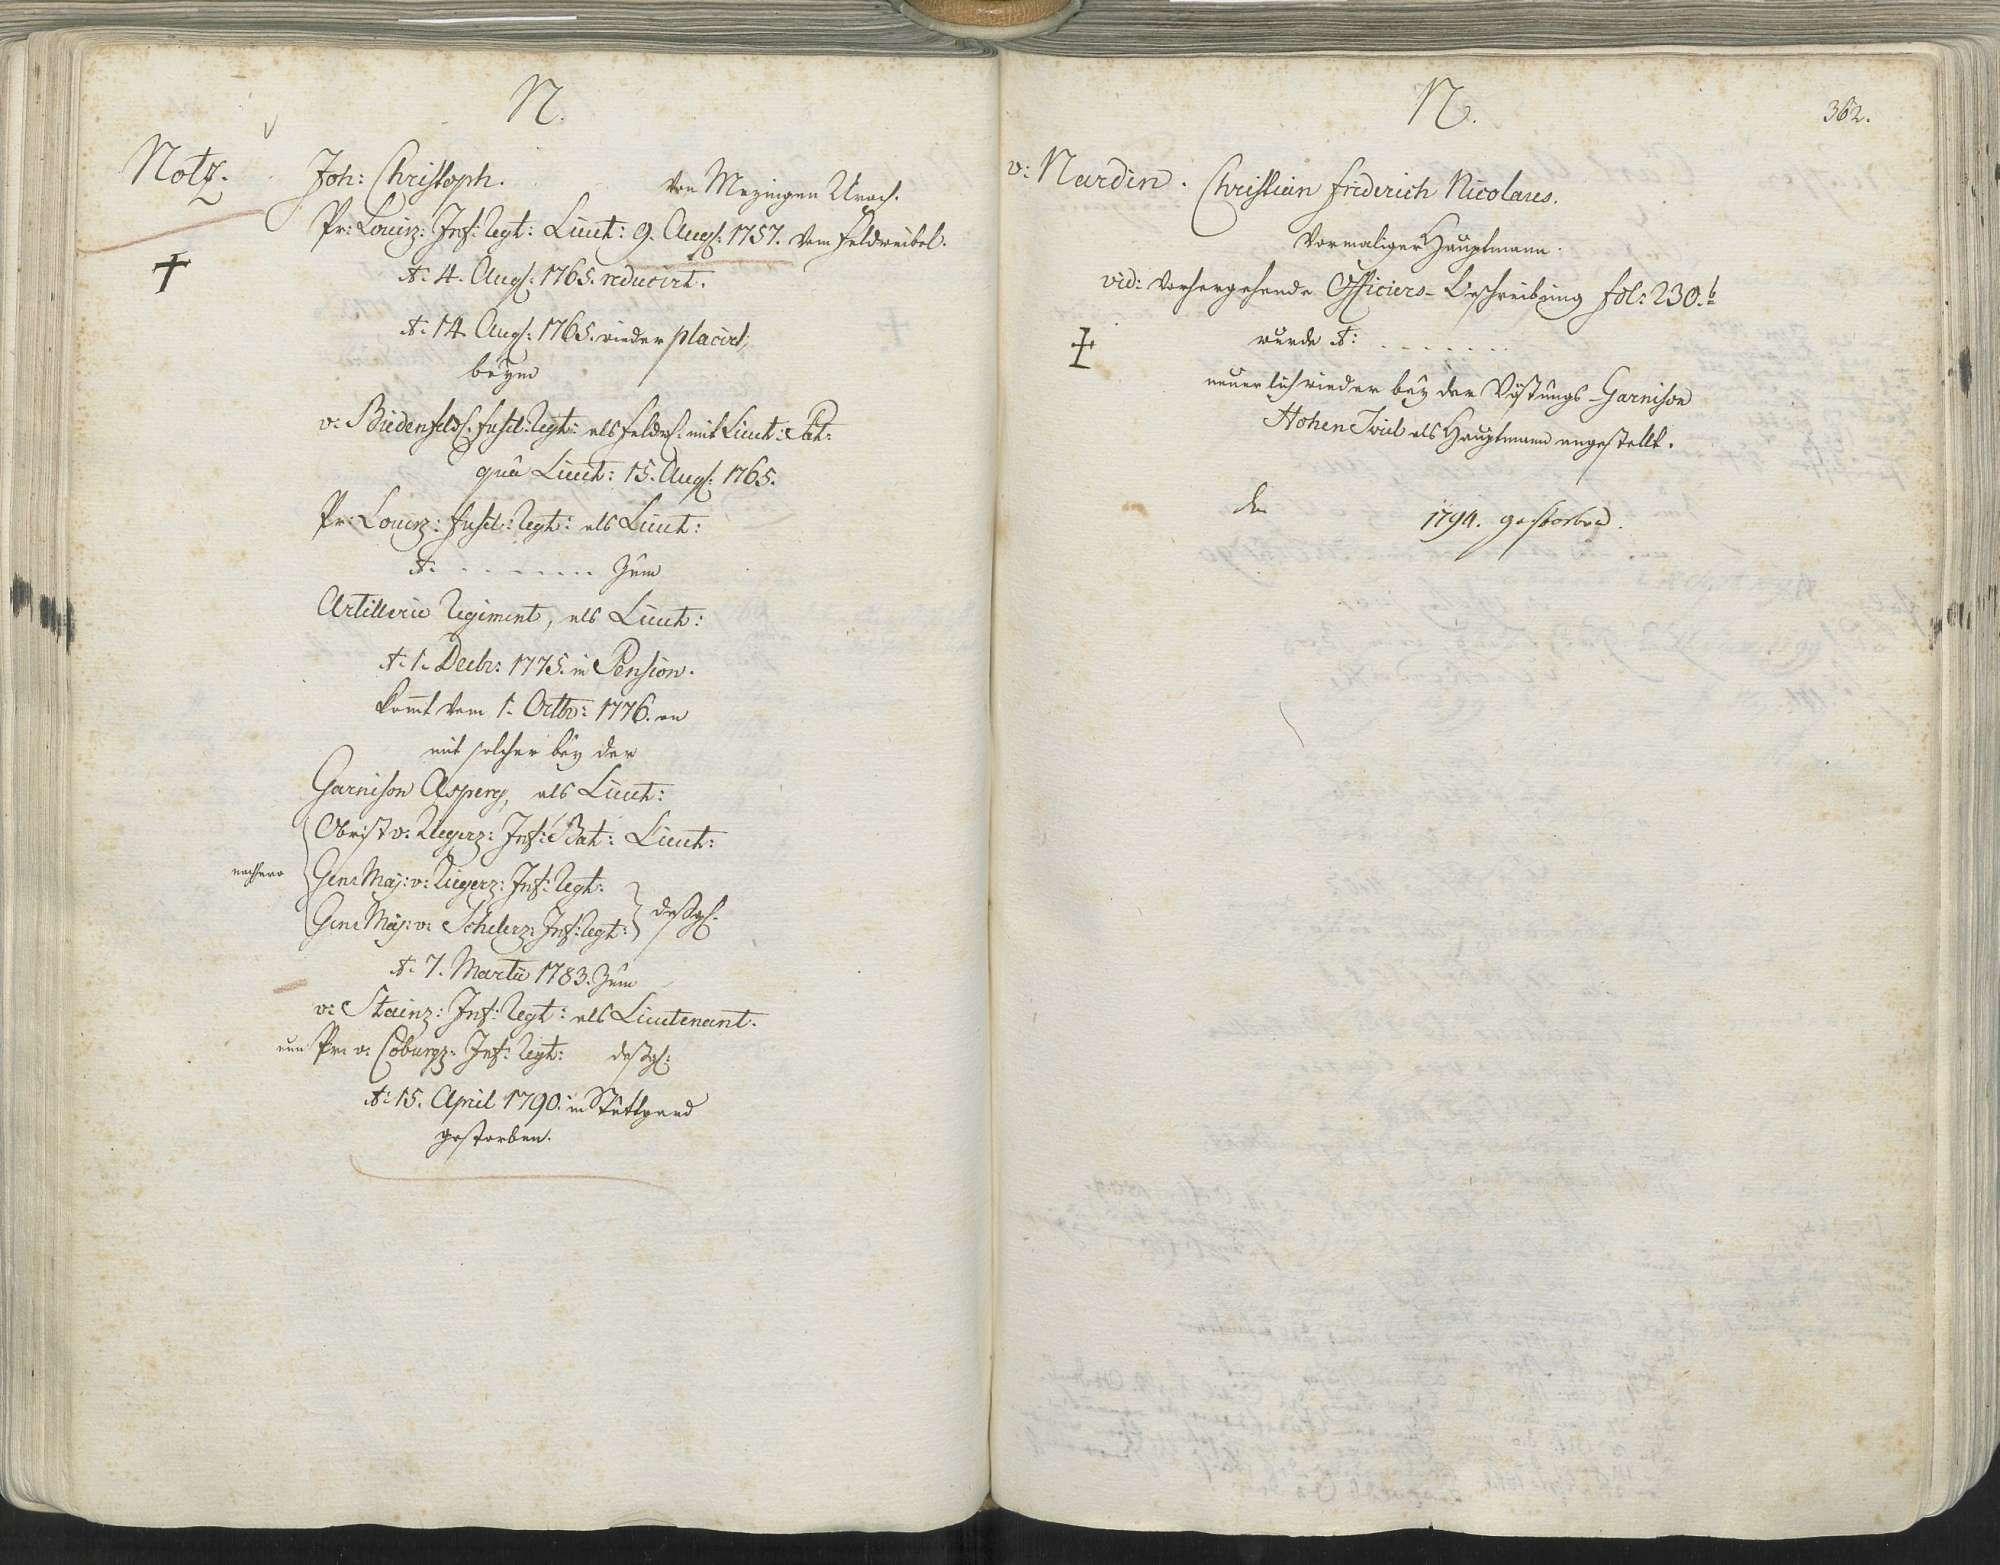 Notz, Johann Christoph, Bild 1